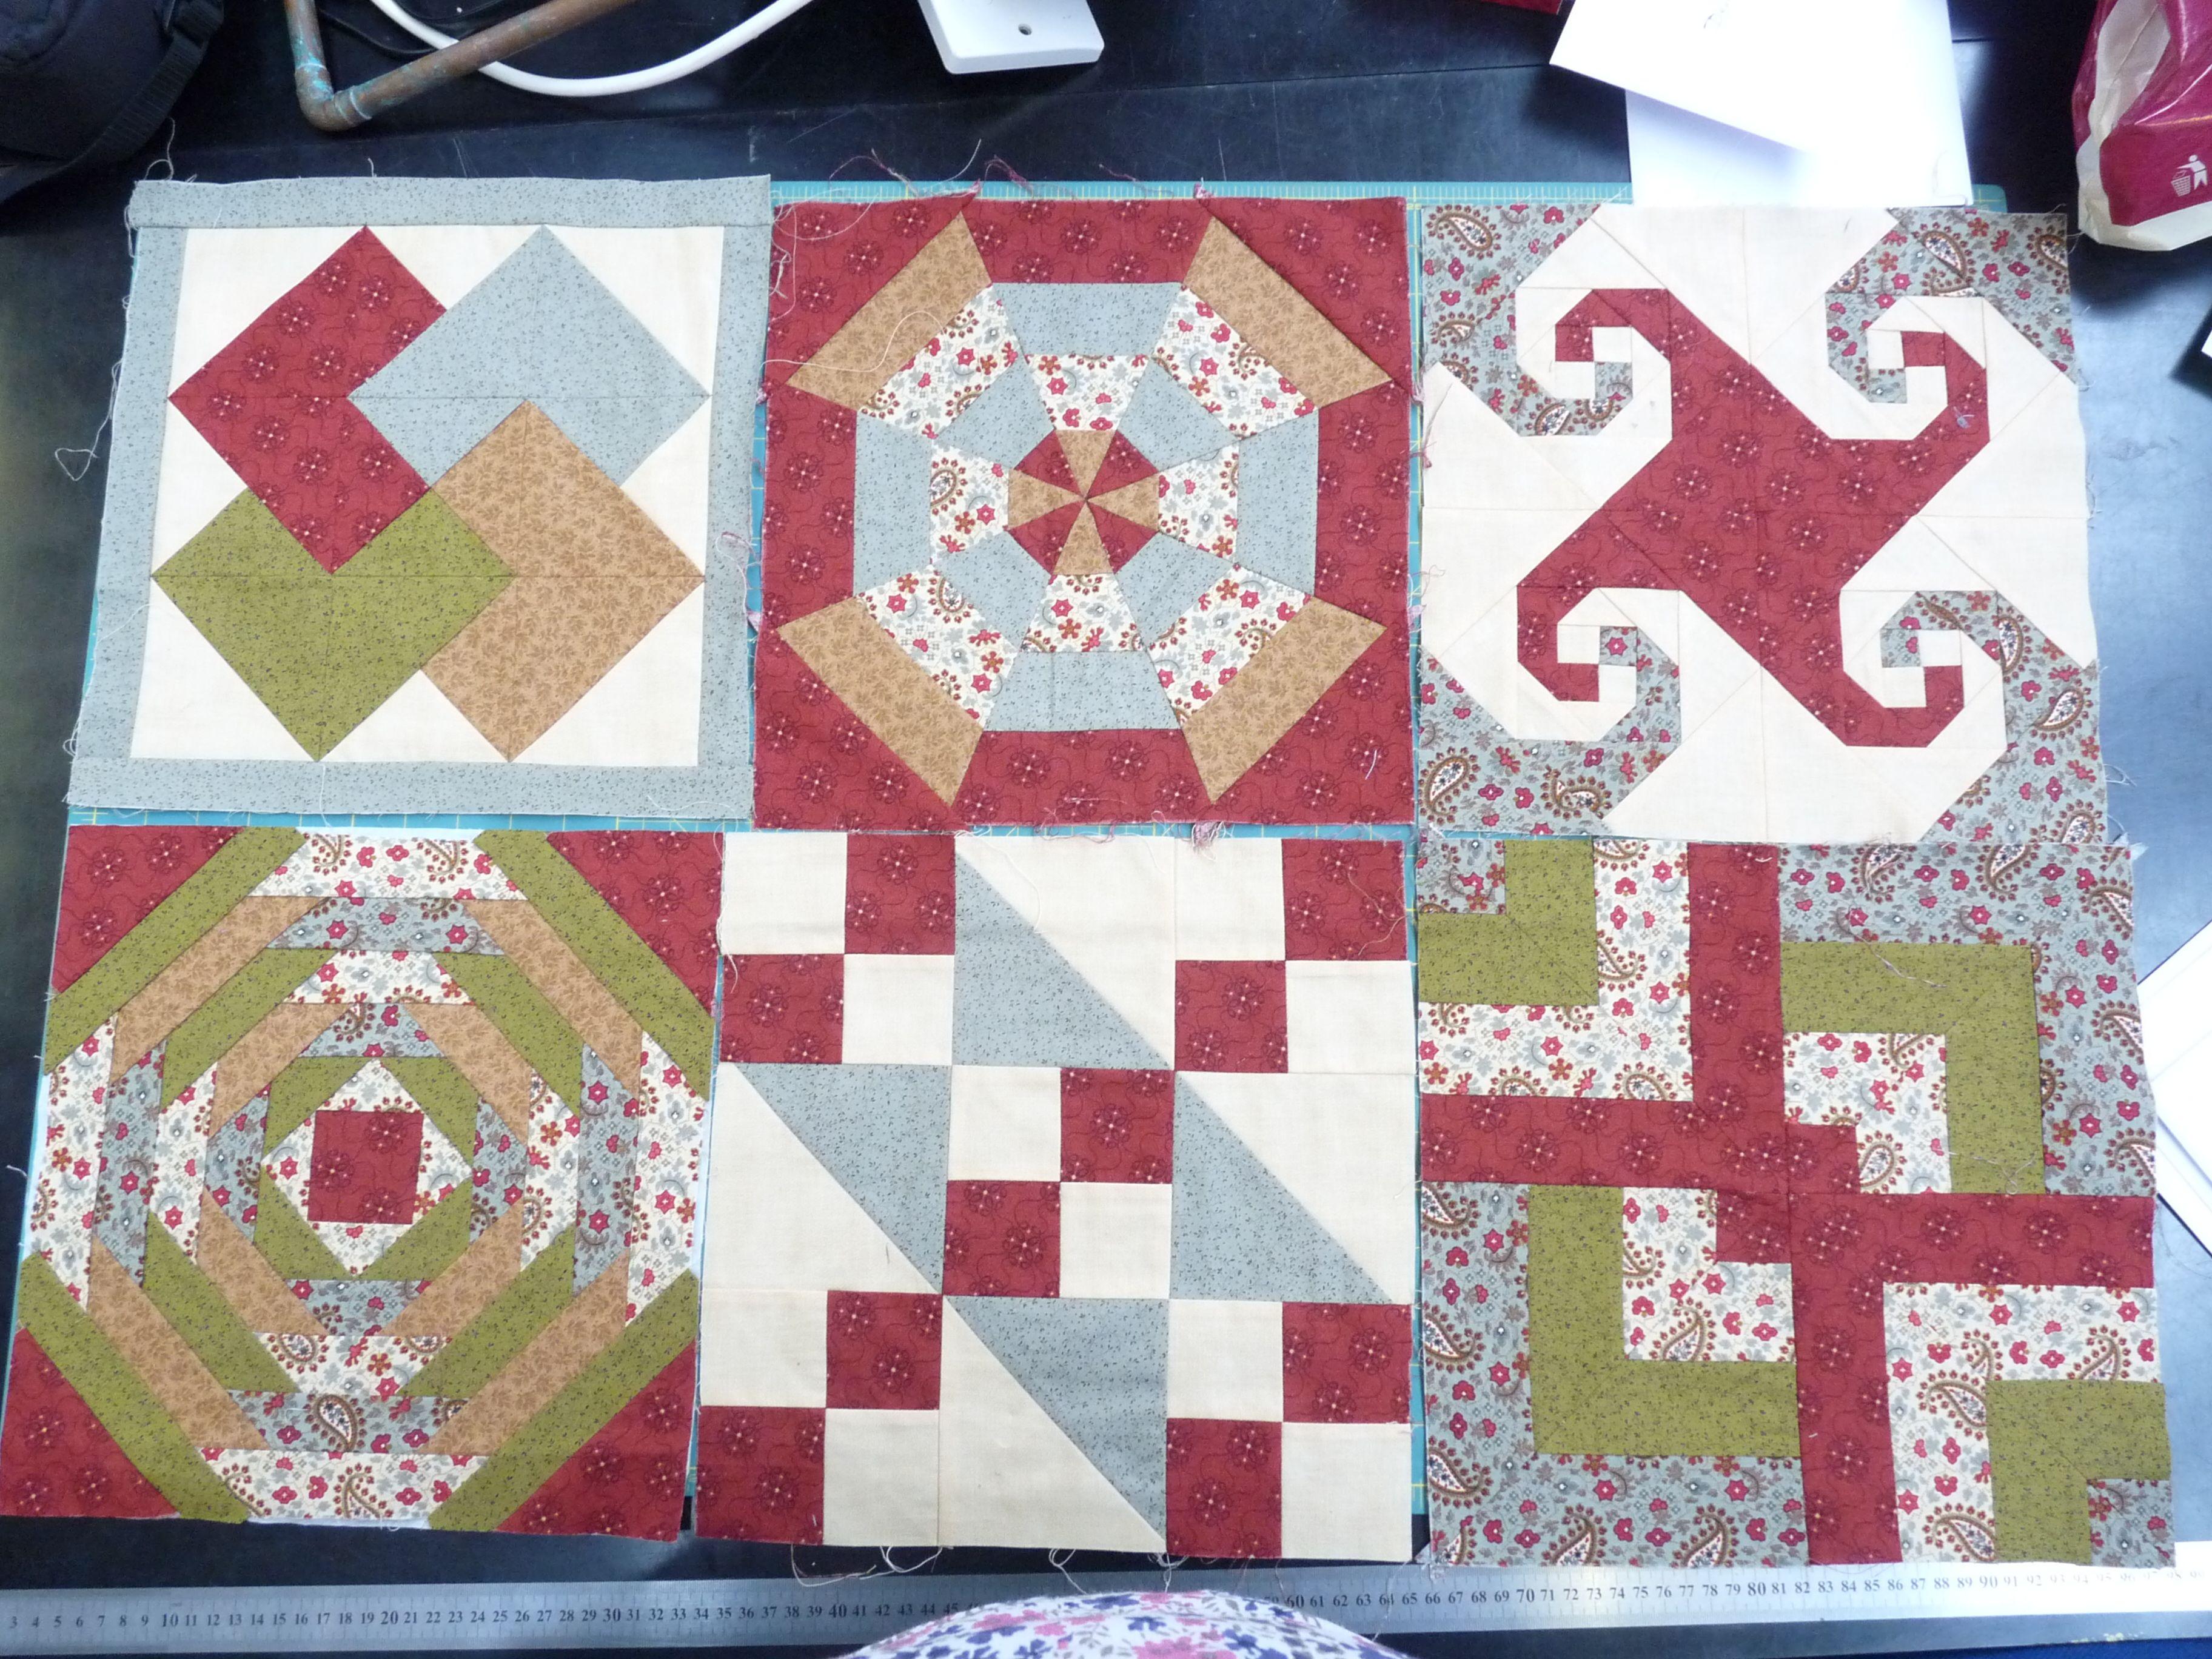 sampler quilts | Beginners Sampler Quilt | Quilt block patterns ... : beginners quilting classes - Adamdwight.com